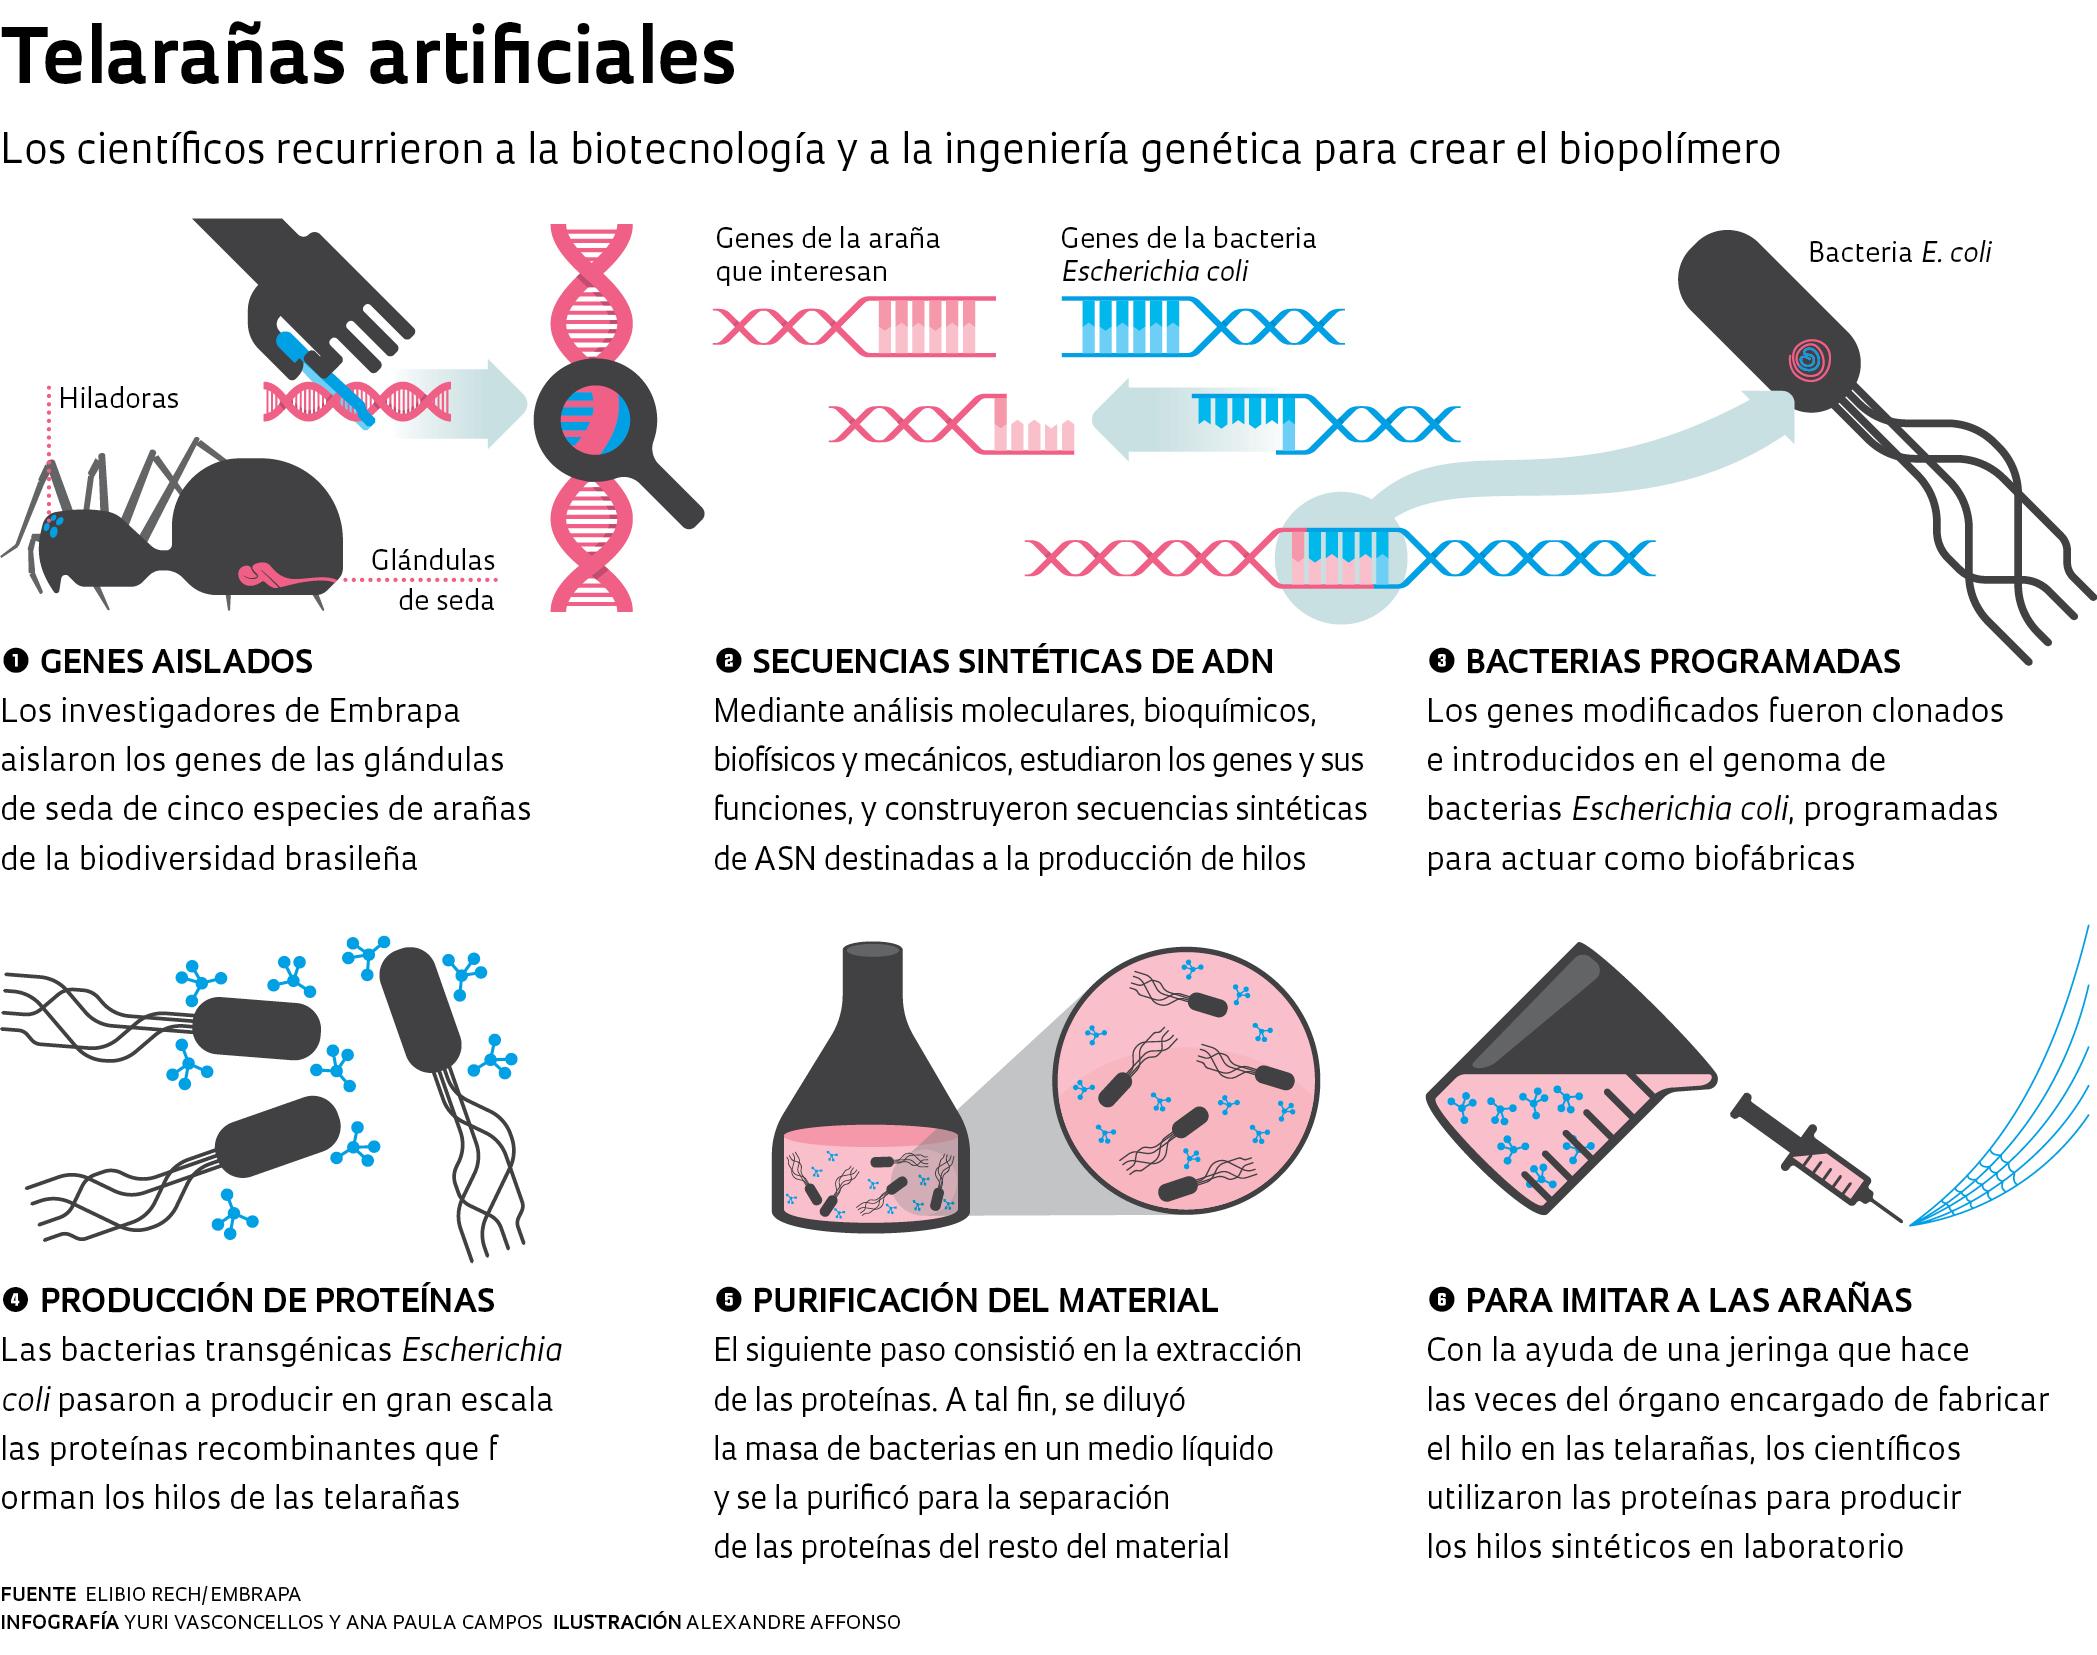 Telarañas artificiales